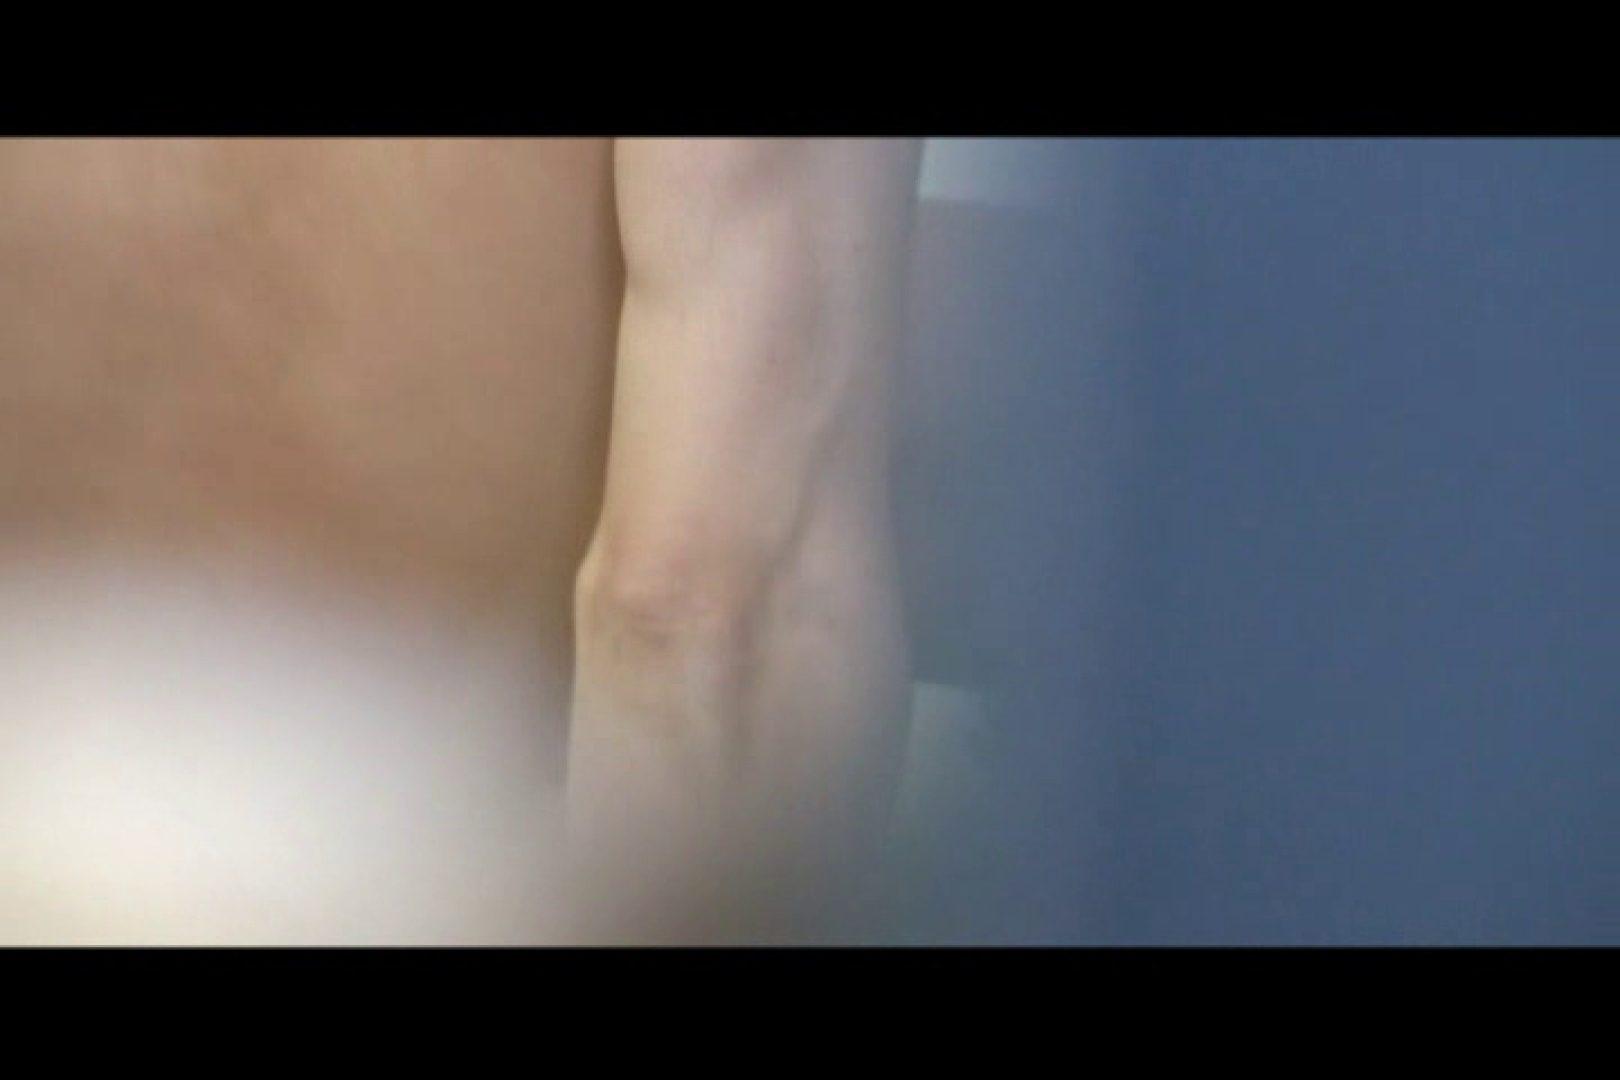 独占配信!無修正! 看護女子寮 vol.09 セックスシーン のぞき動画キャプチャ 103枚